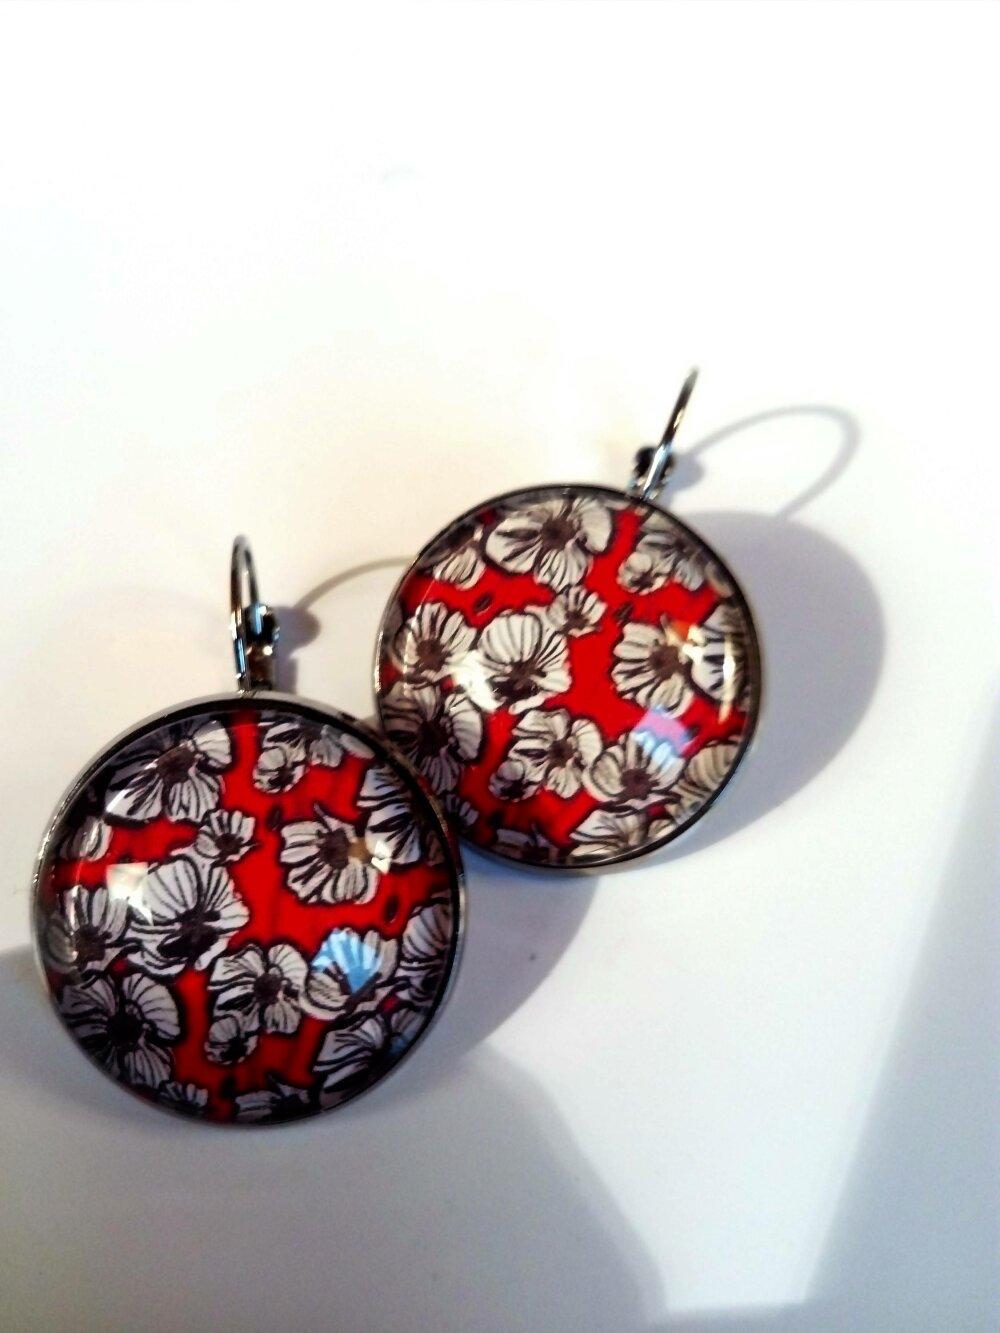 Boucle d'oreille dormeuses couleur argent cabochon bohème fleurs coquelicot rouge blanc noir cadeau